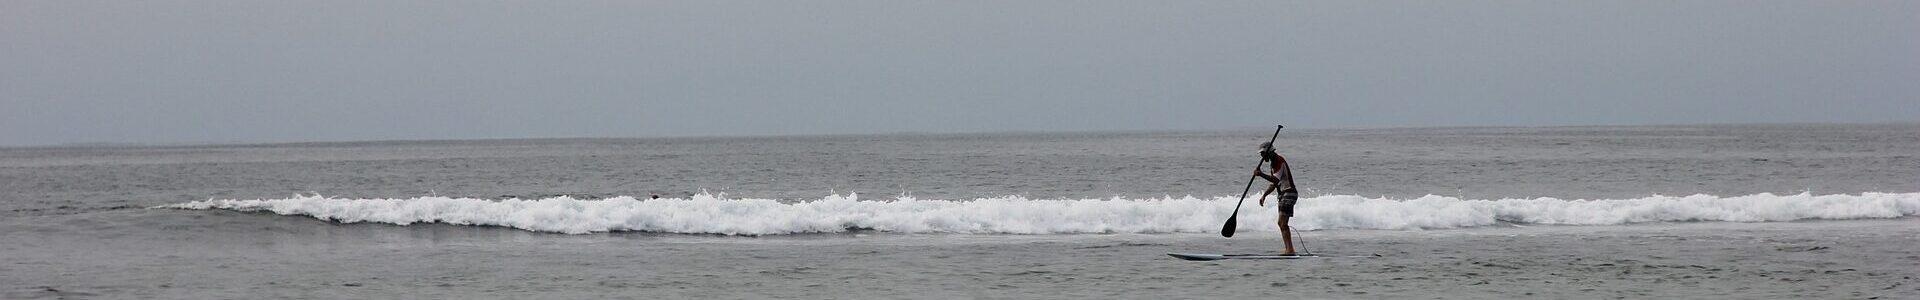 SUP Kursus / Standup paddle kursus